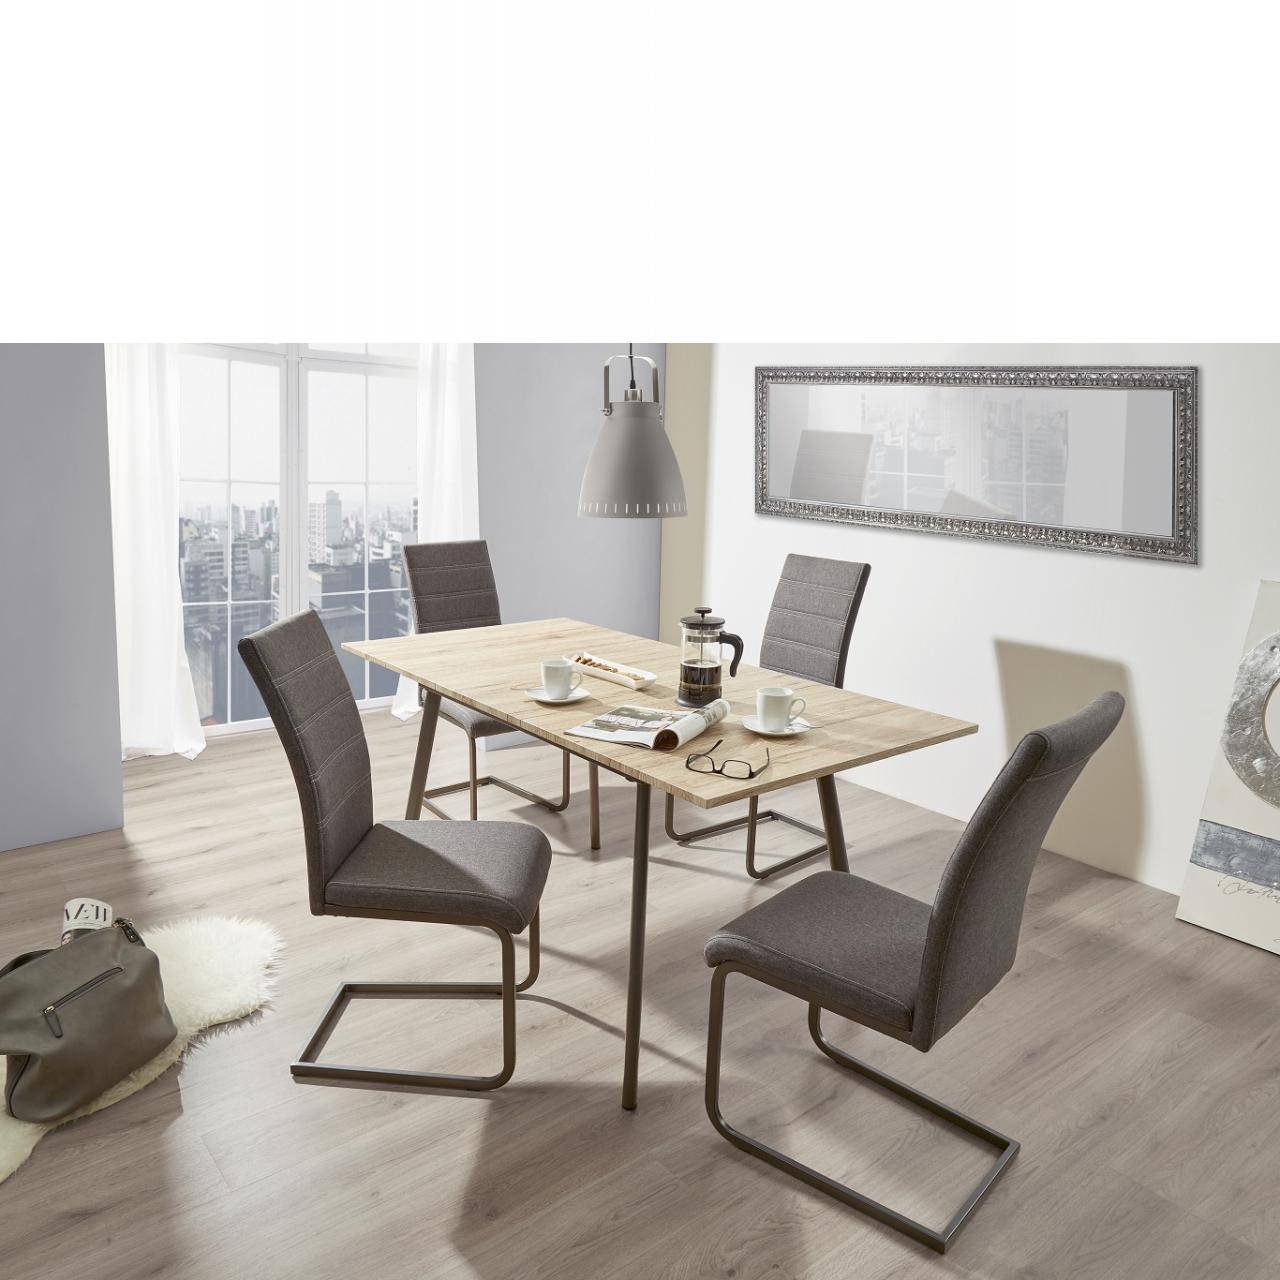 esstisch maike san remo nb esstische esszimmer wohnen m bel j hnichen center gmbh. Black Bedroom Furniture Sets. Home Design Ideas